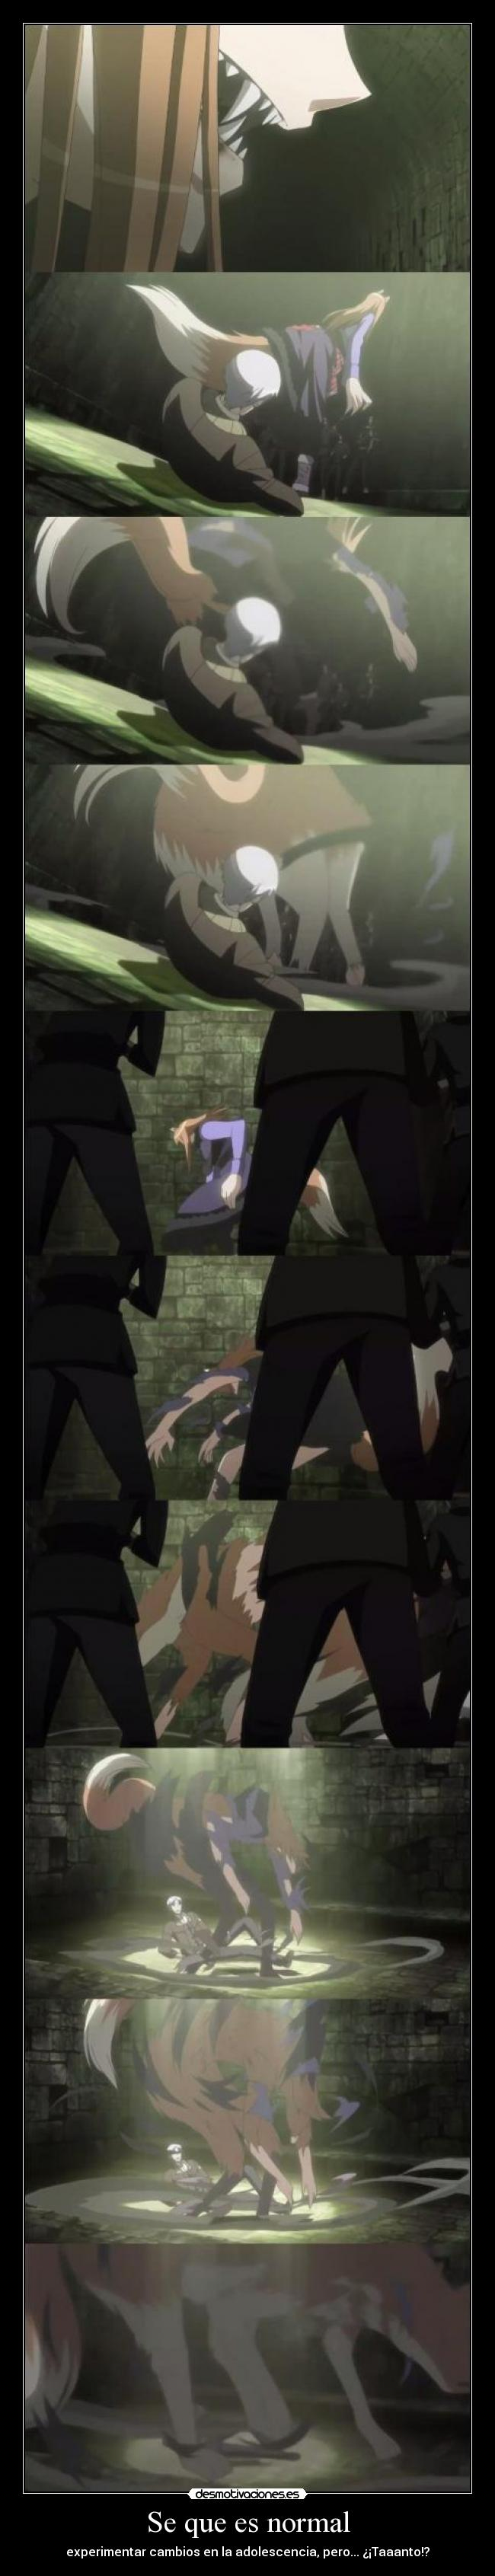 carteles raptorhunters nigatsu harukaze anime horo spice and wolf como adolescente 600 tacos desmotivaciones